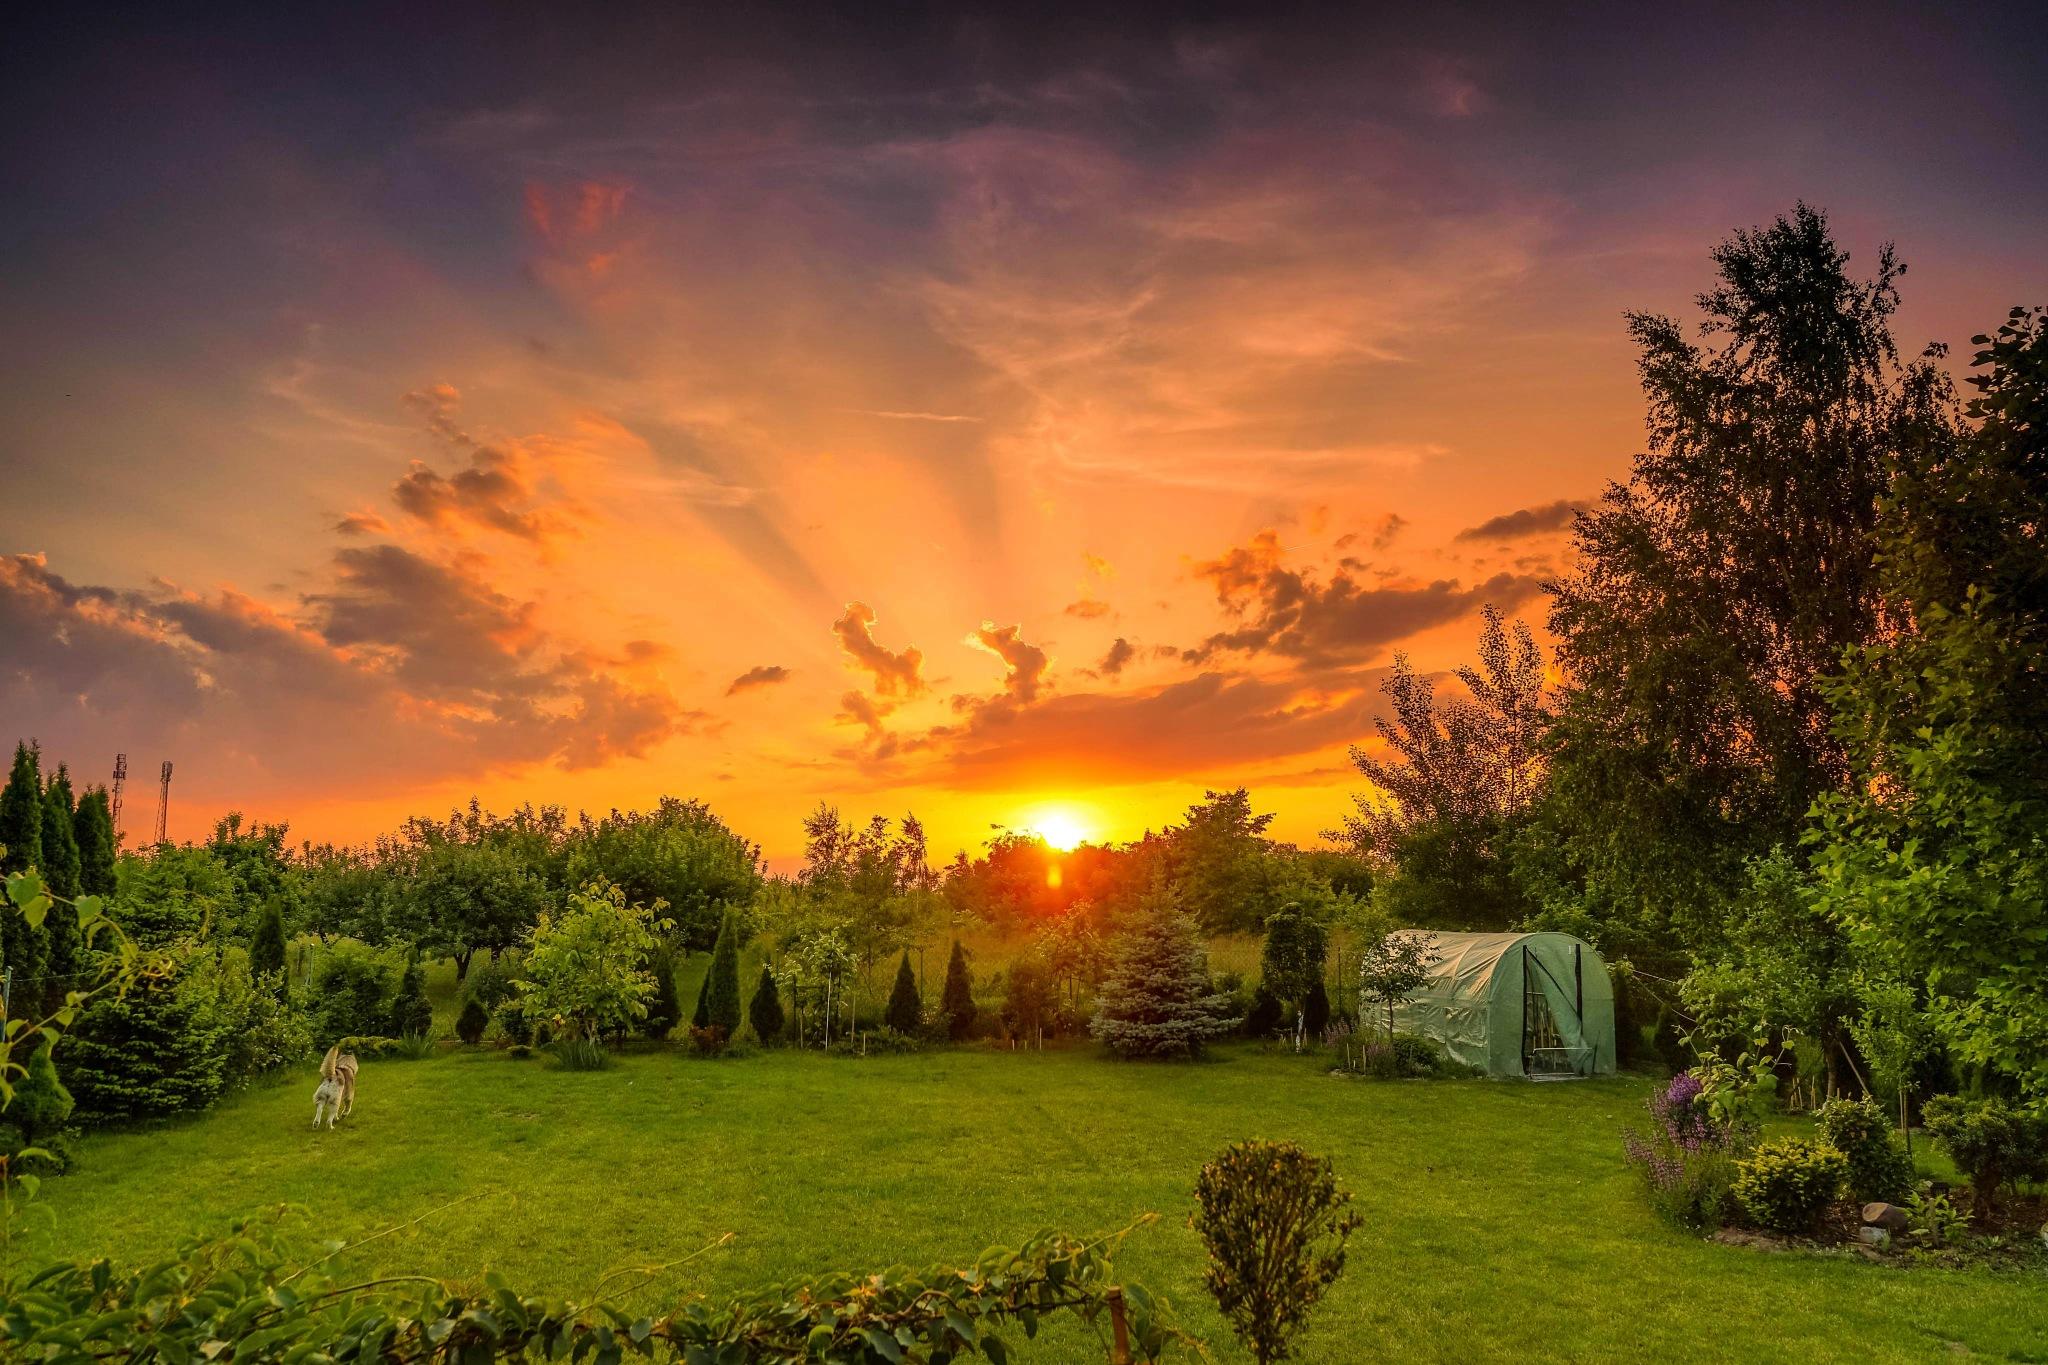 my secret garden by Pawel M